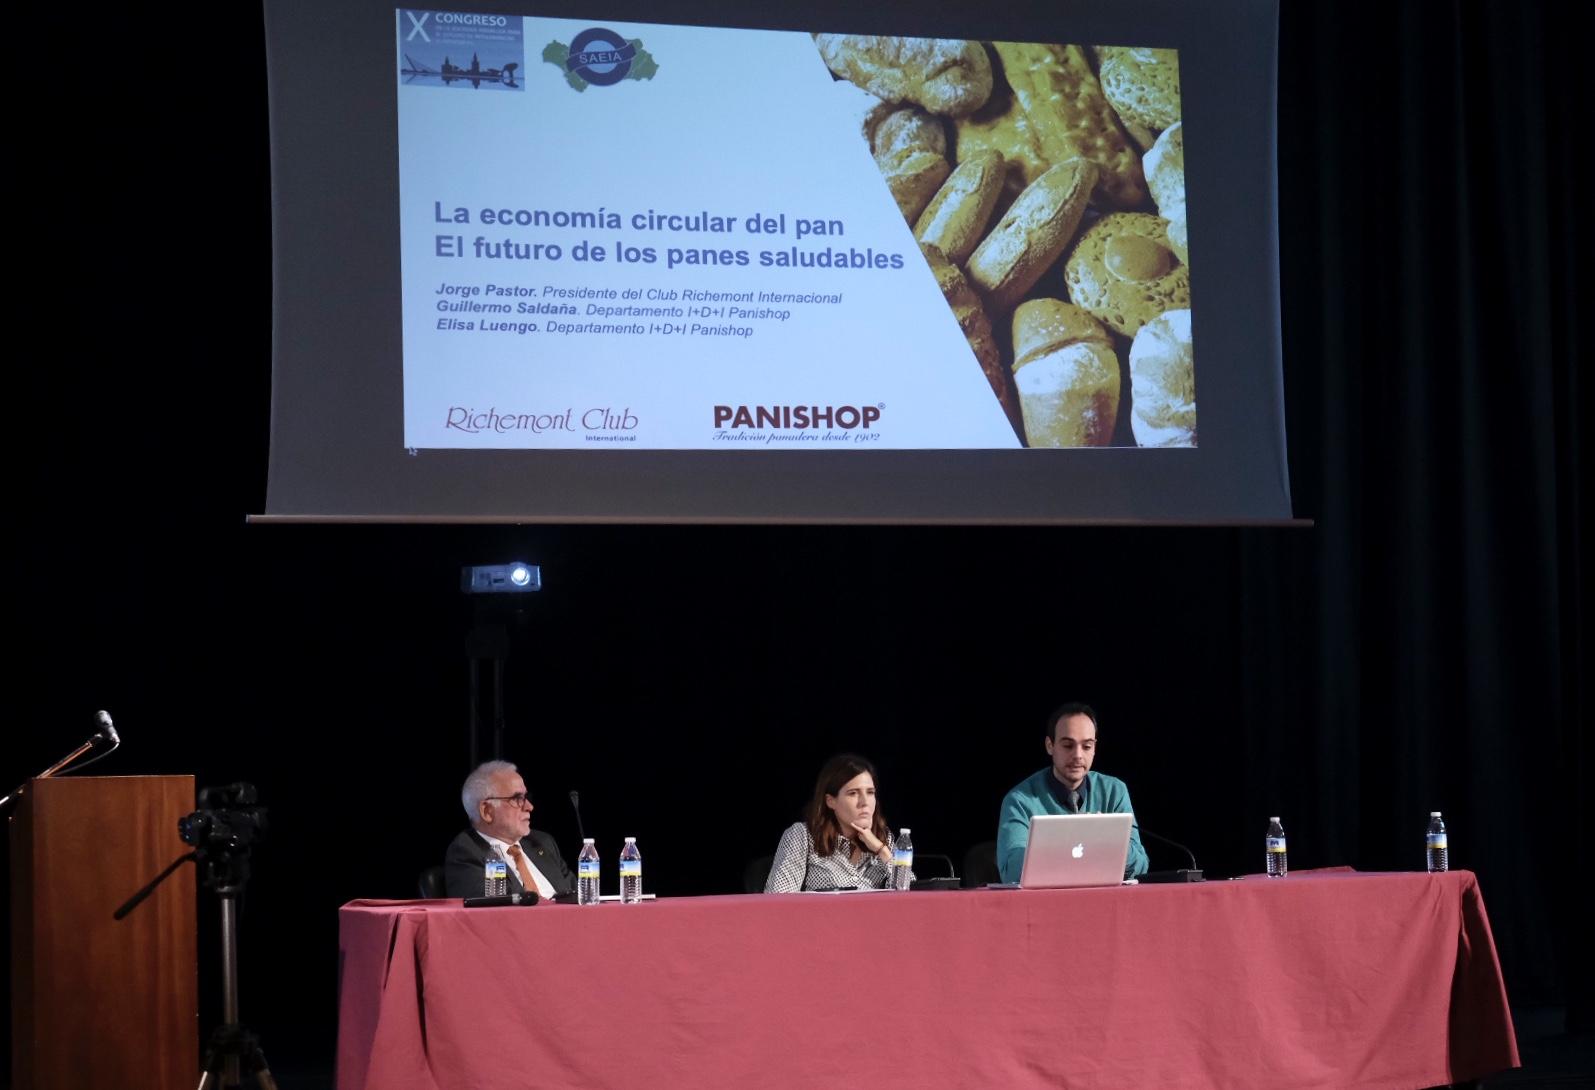 Panishop habla sobre pan saludable en el X Congreso de la Sociedad para el Estudio de Intolerancias Alimentarias